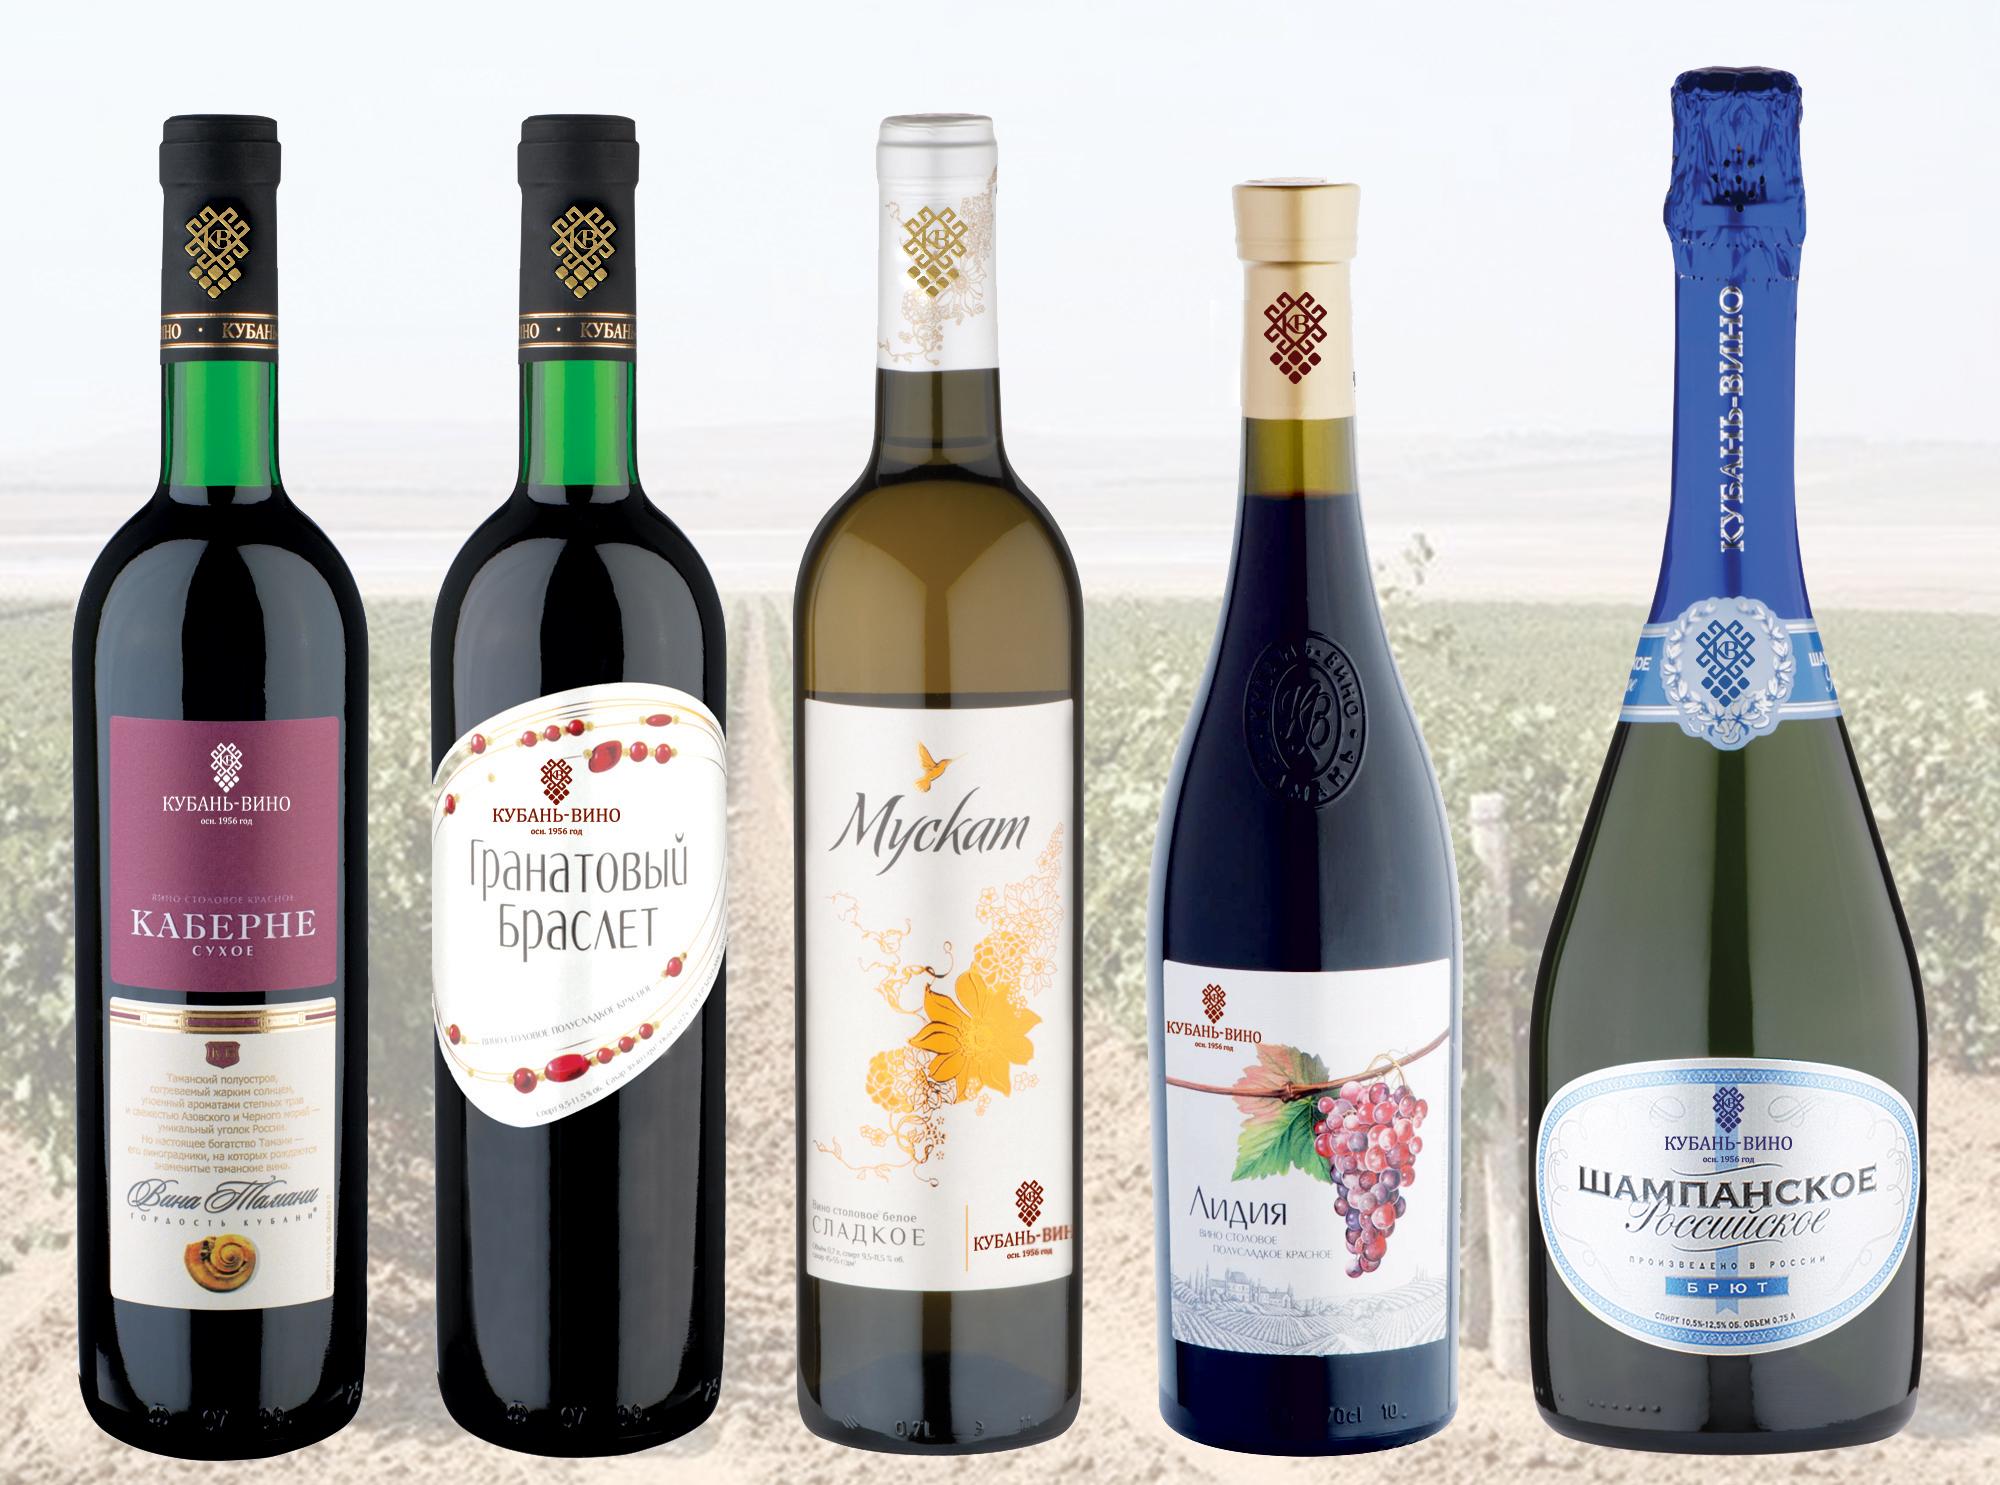 Кубанская винная компания официальный сайт автодор компания сайт